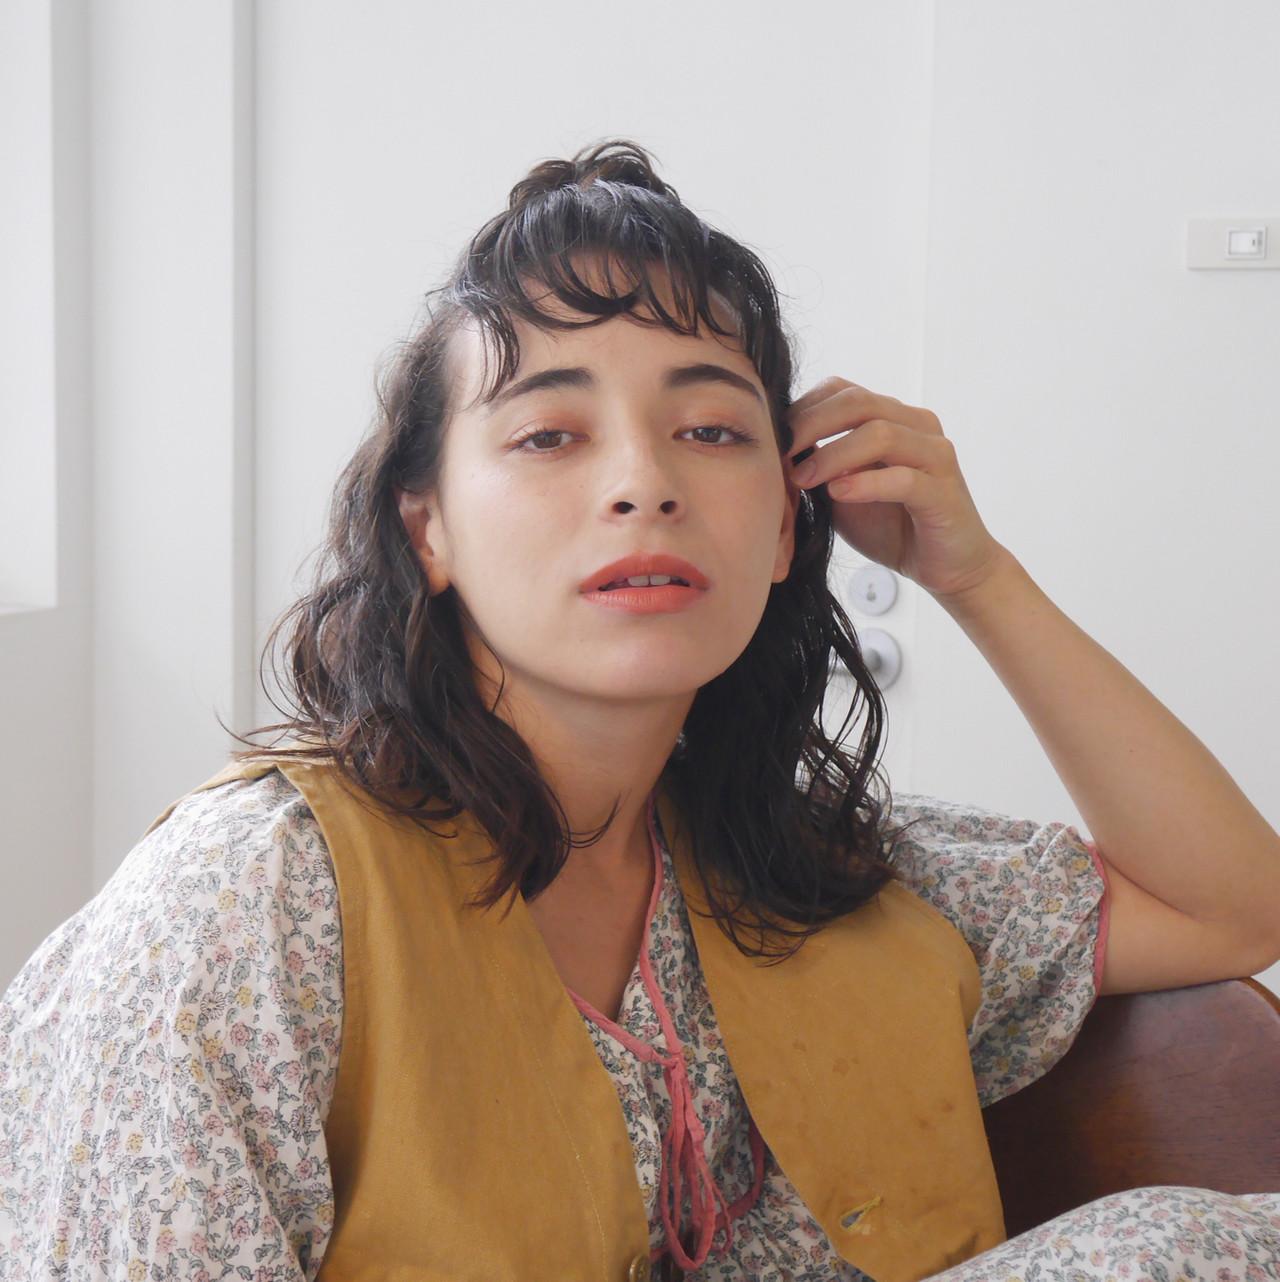 お団子アレンジ ナチュラル パーマ くせ毛風 ヘアスタイルや髪型の写真・画像